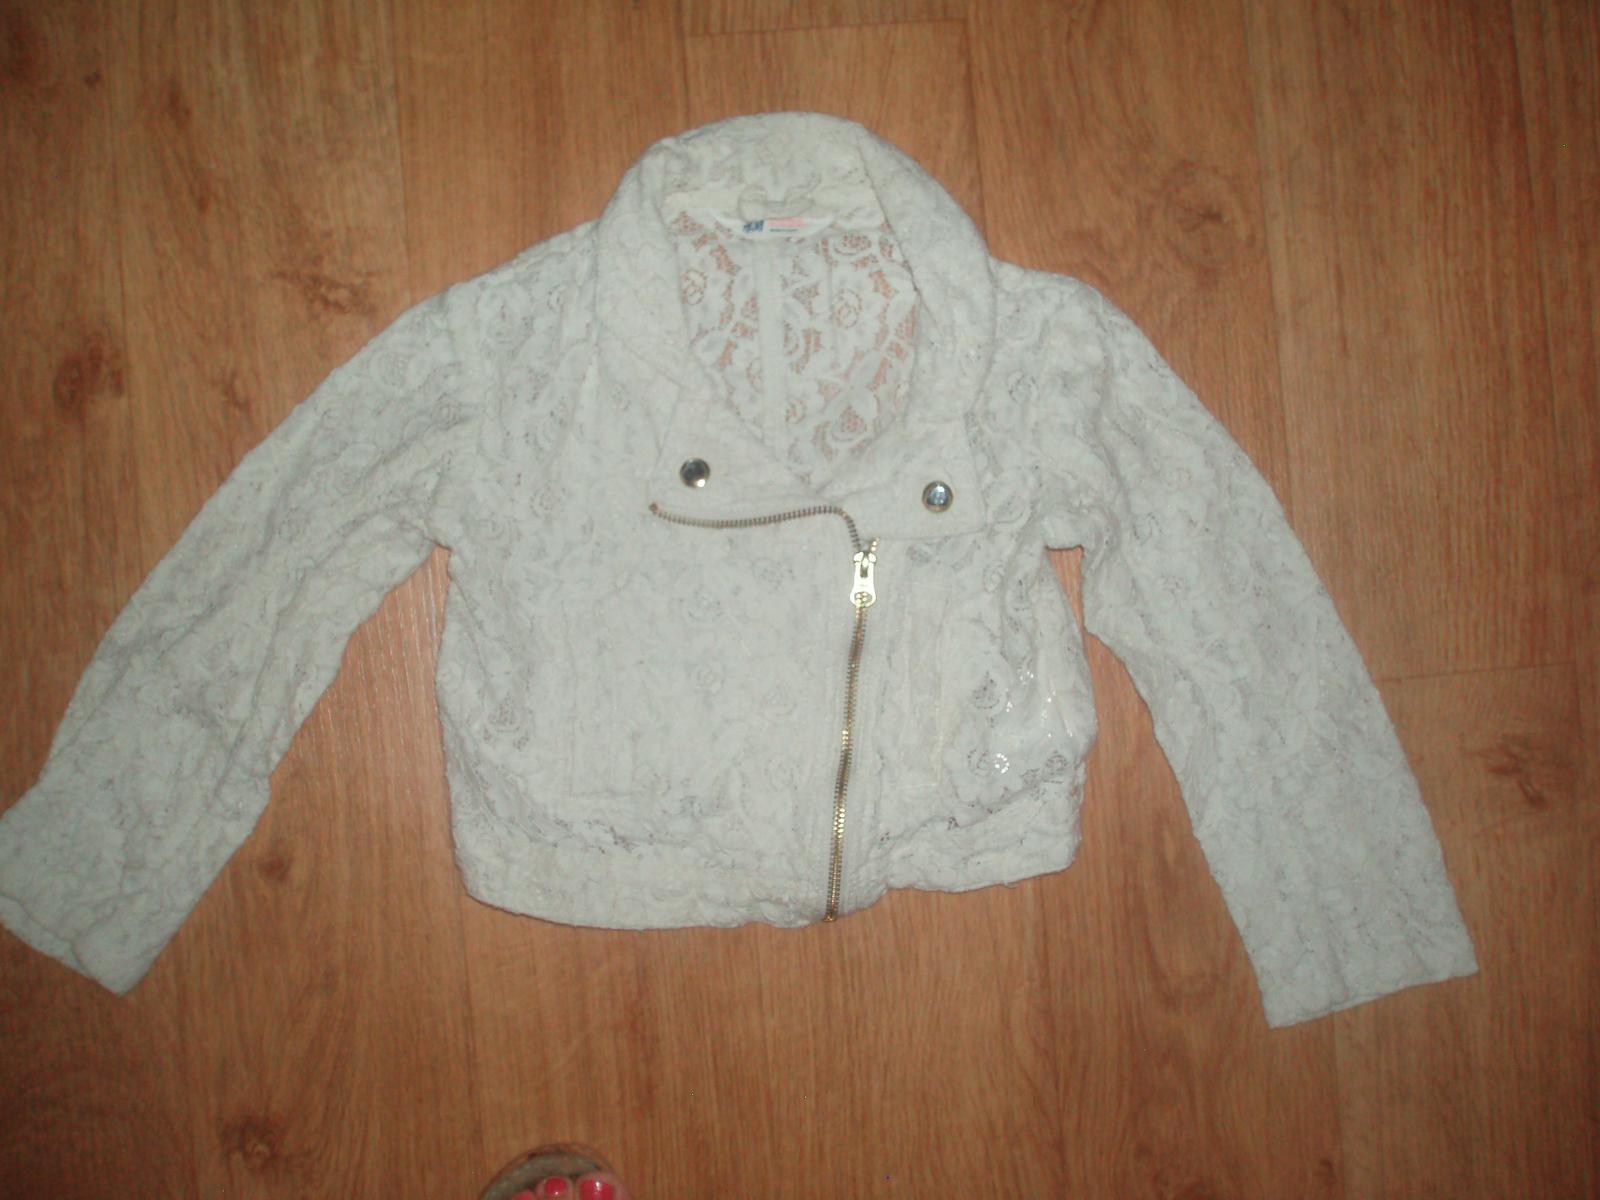 Béžové bolerko / bunda H&M vel. 122 - Obrázek č. 1